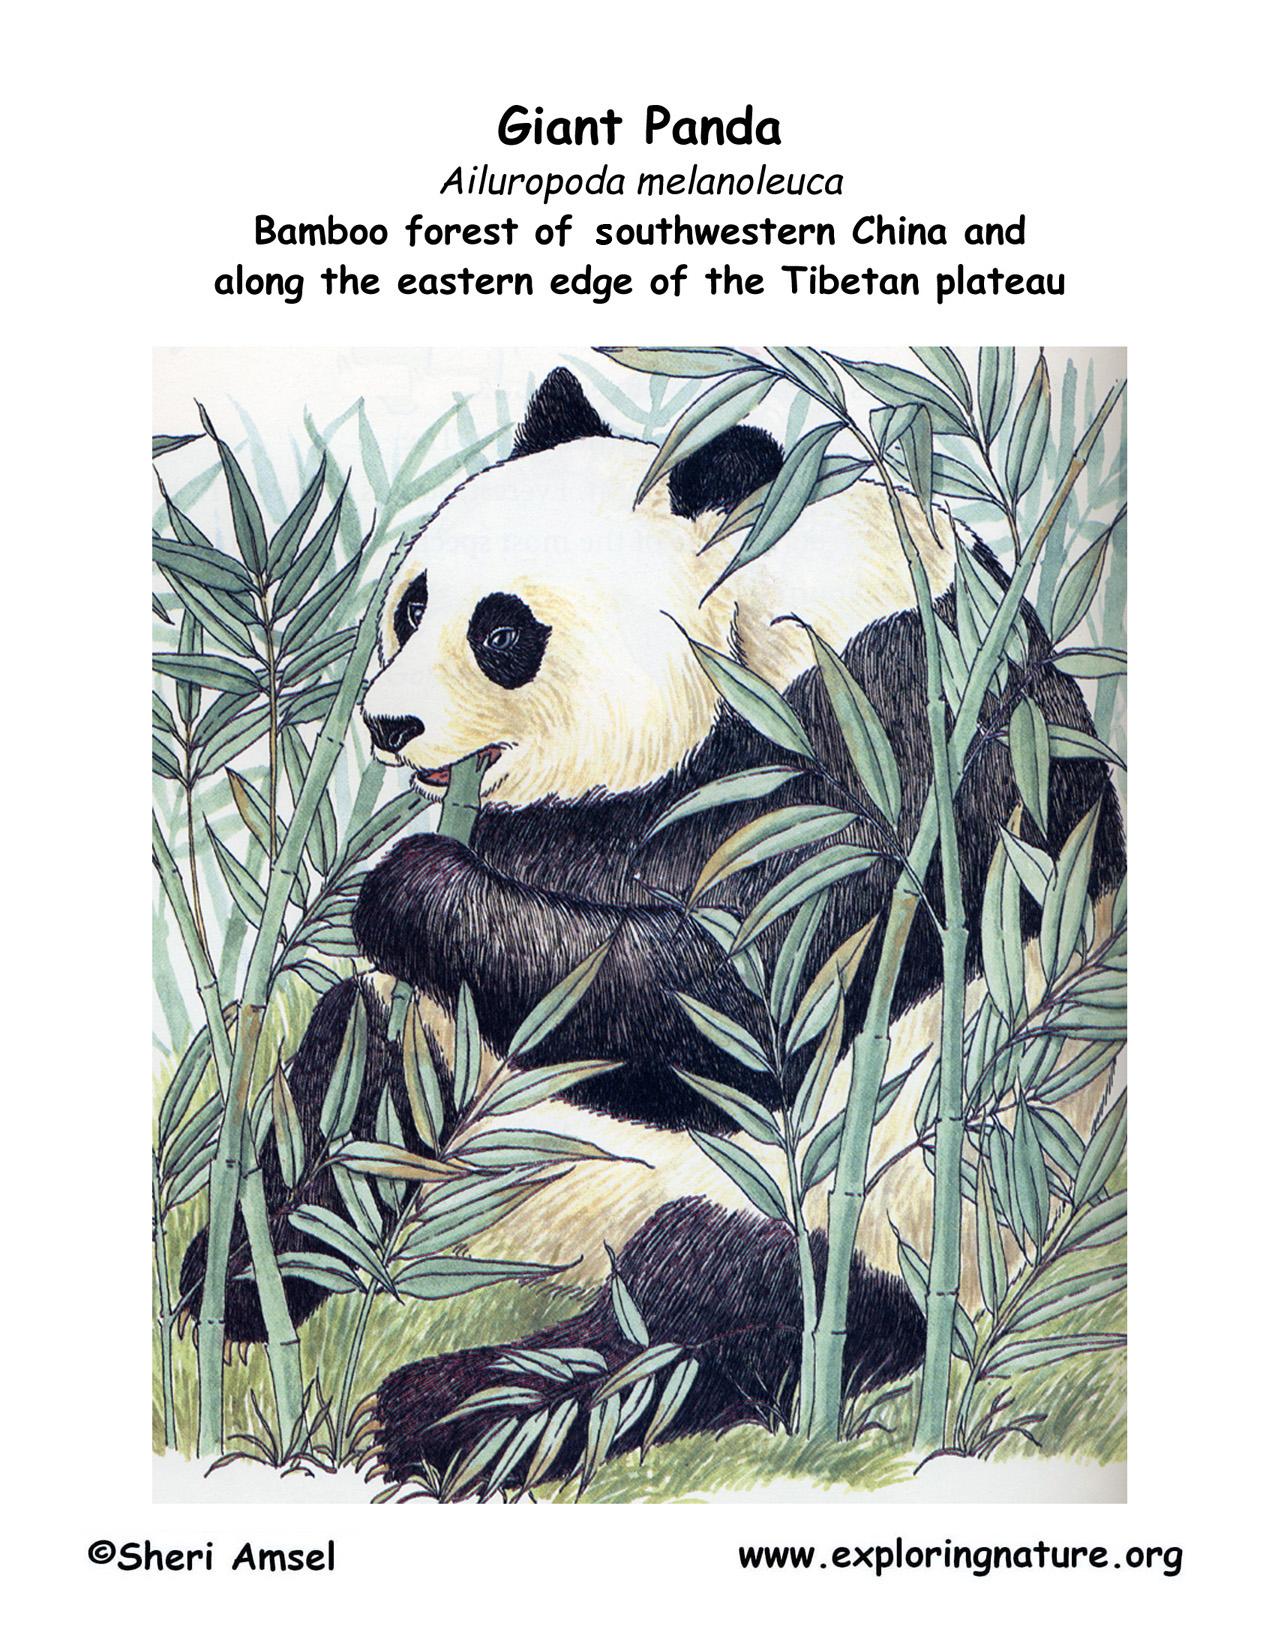 panda (giant)download hi res color diagram panda (giant)